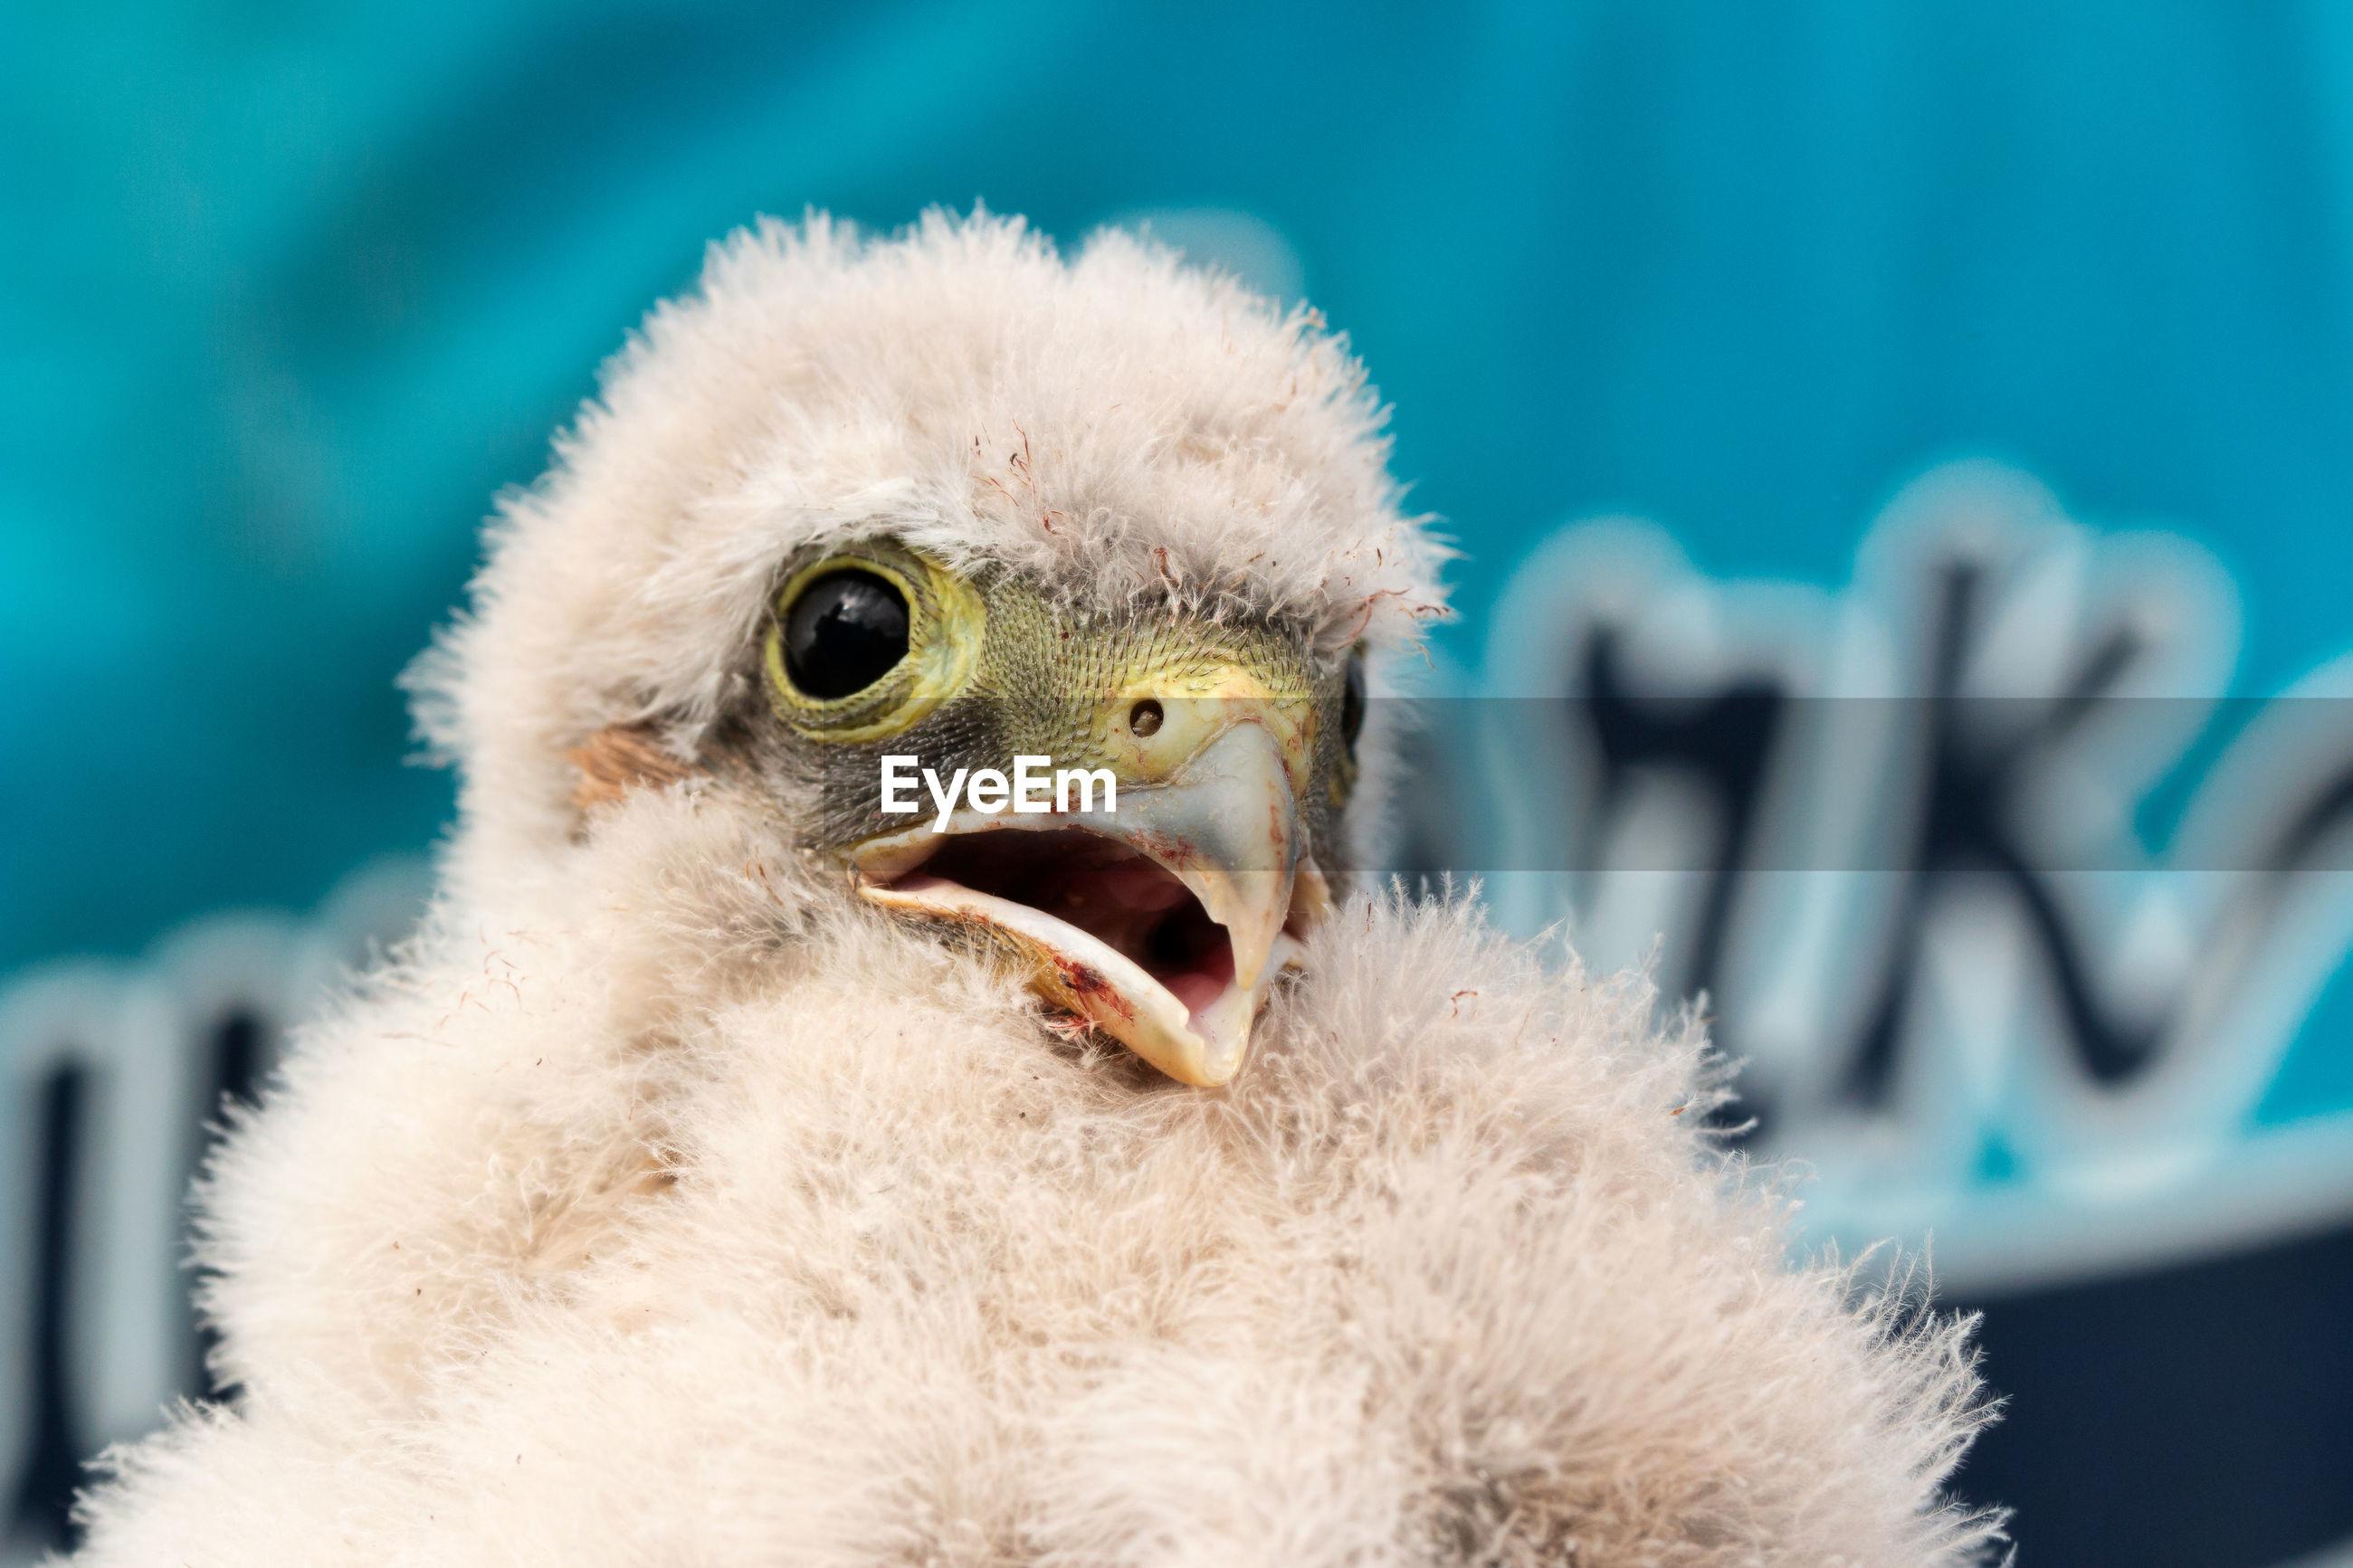 Close-up of young bird looking away